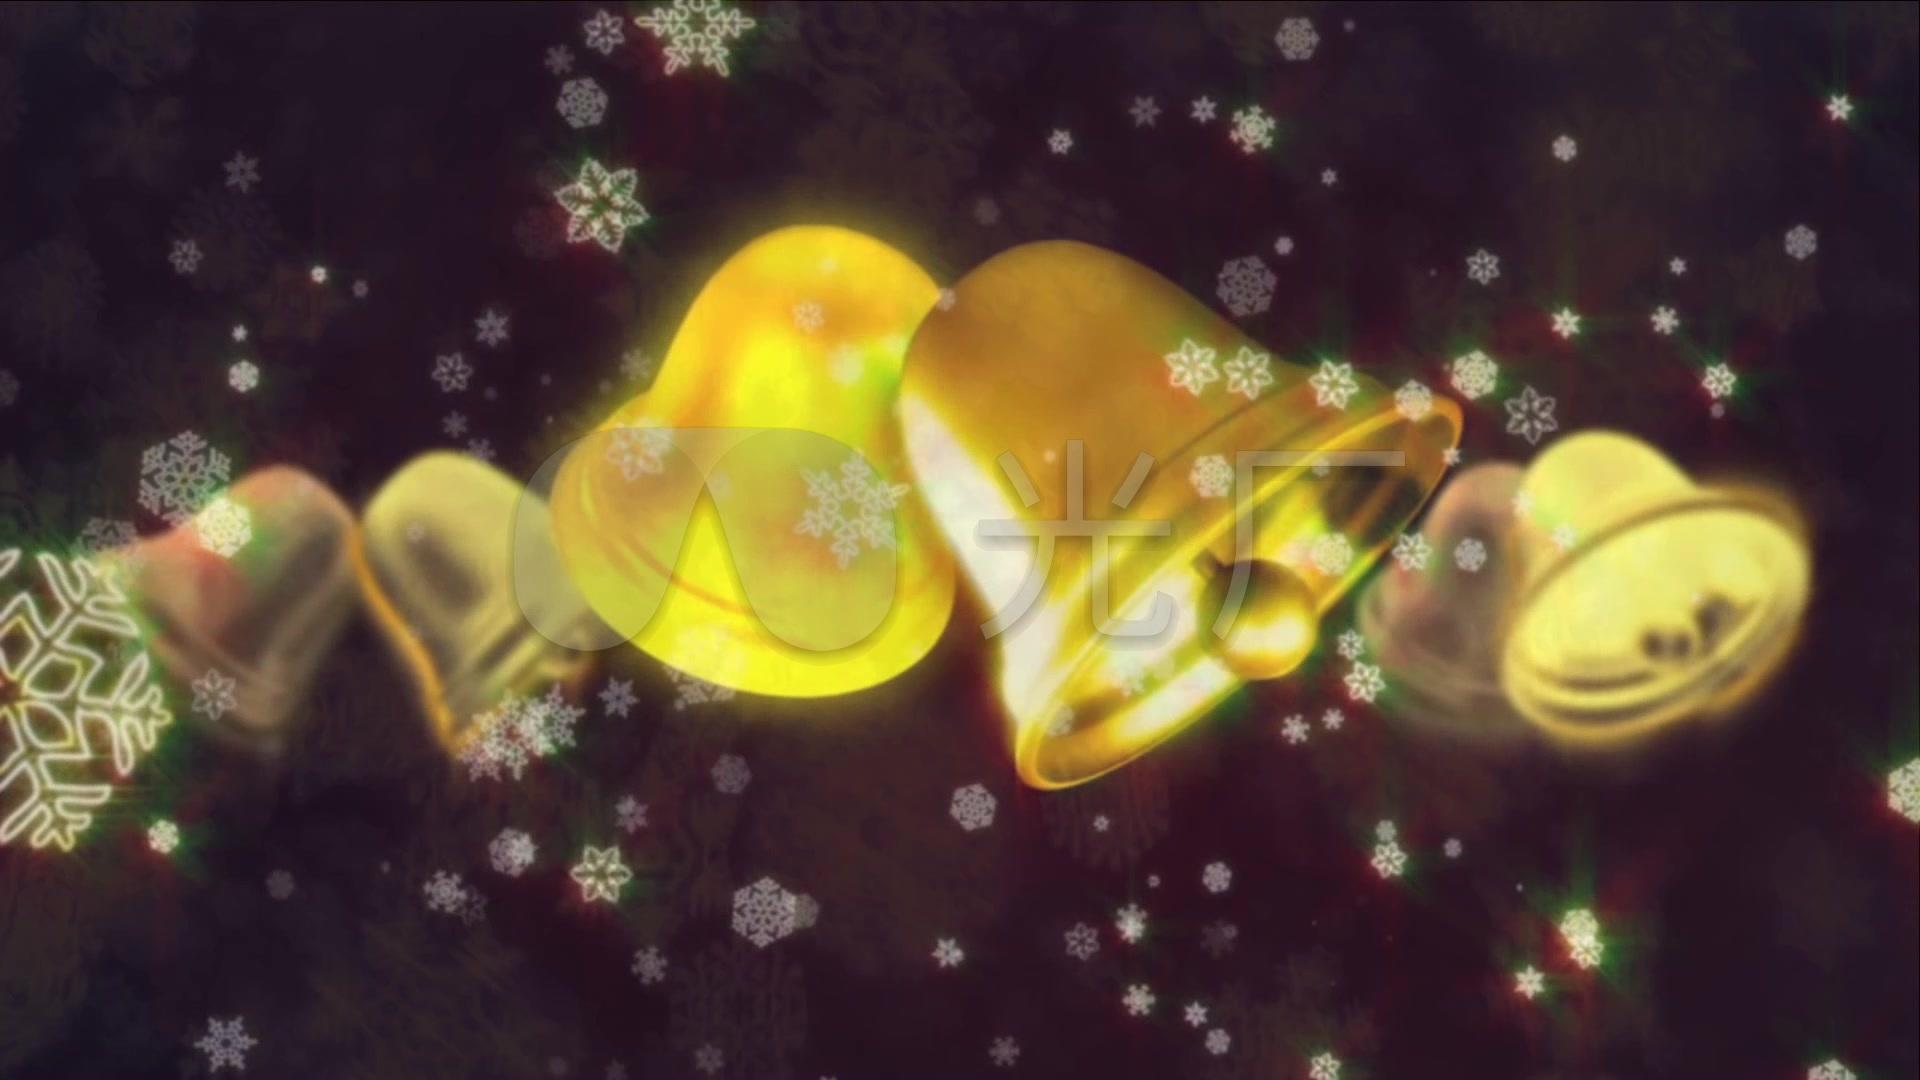 圣诞节贵宾《视频响叮当》v贵宾铃儿_1920X1狗视频歌曲图片